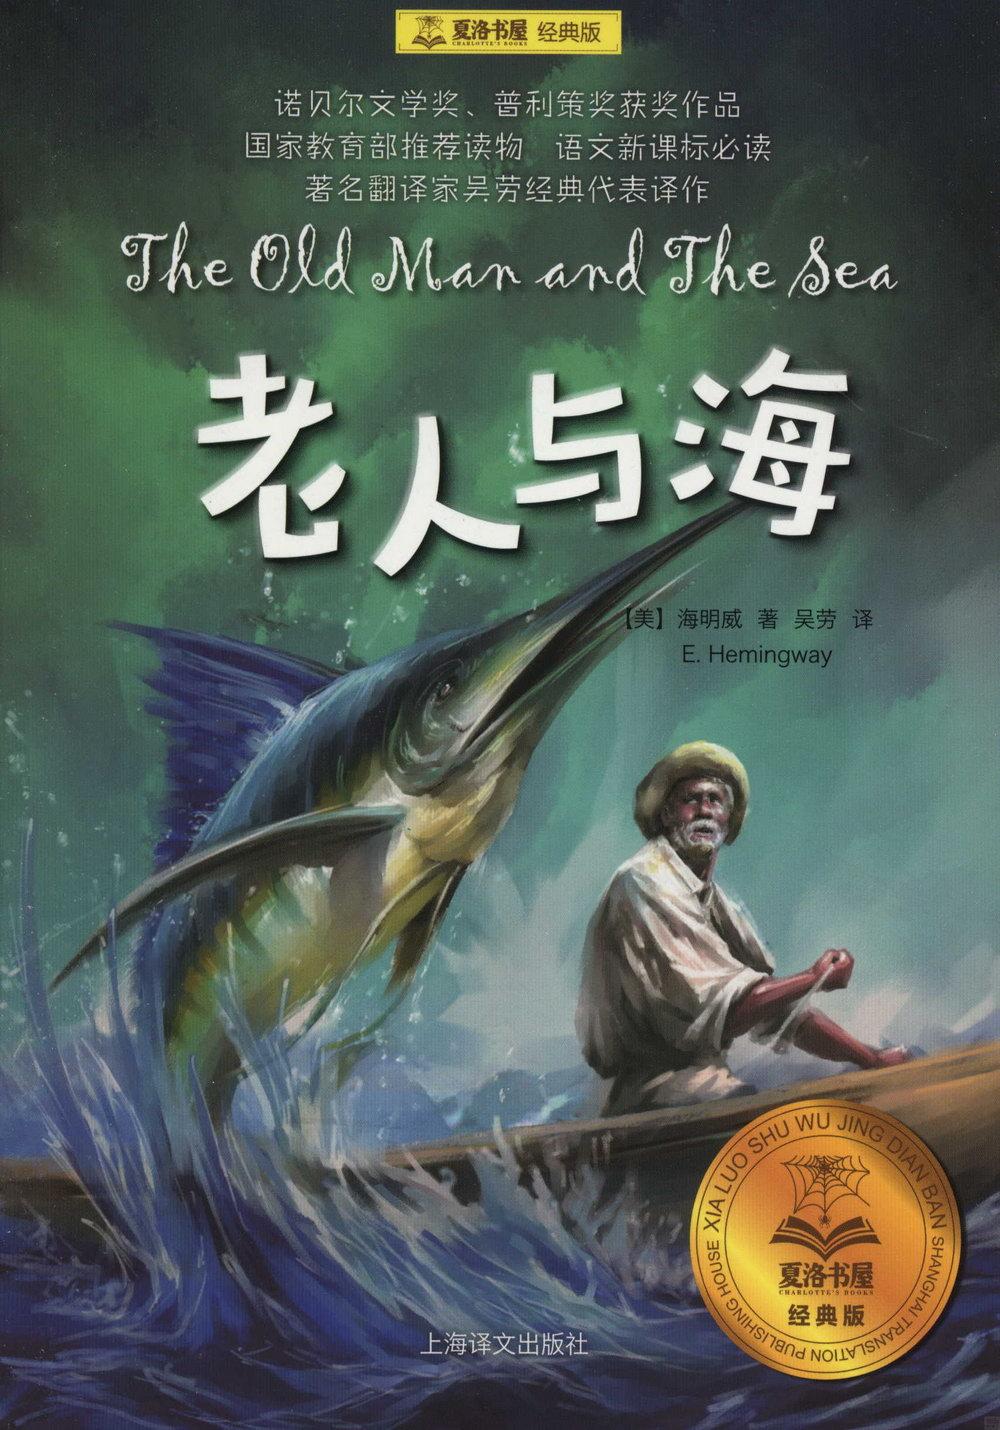 老人與海(經典版)